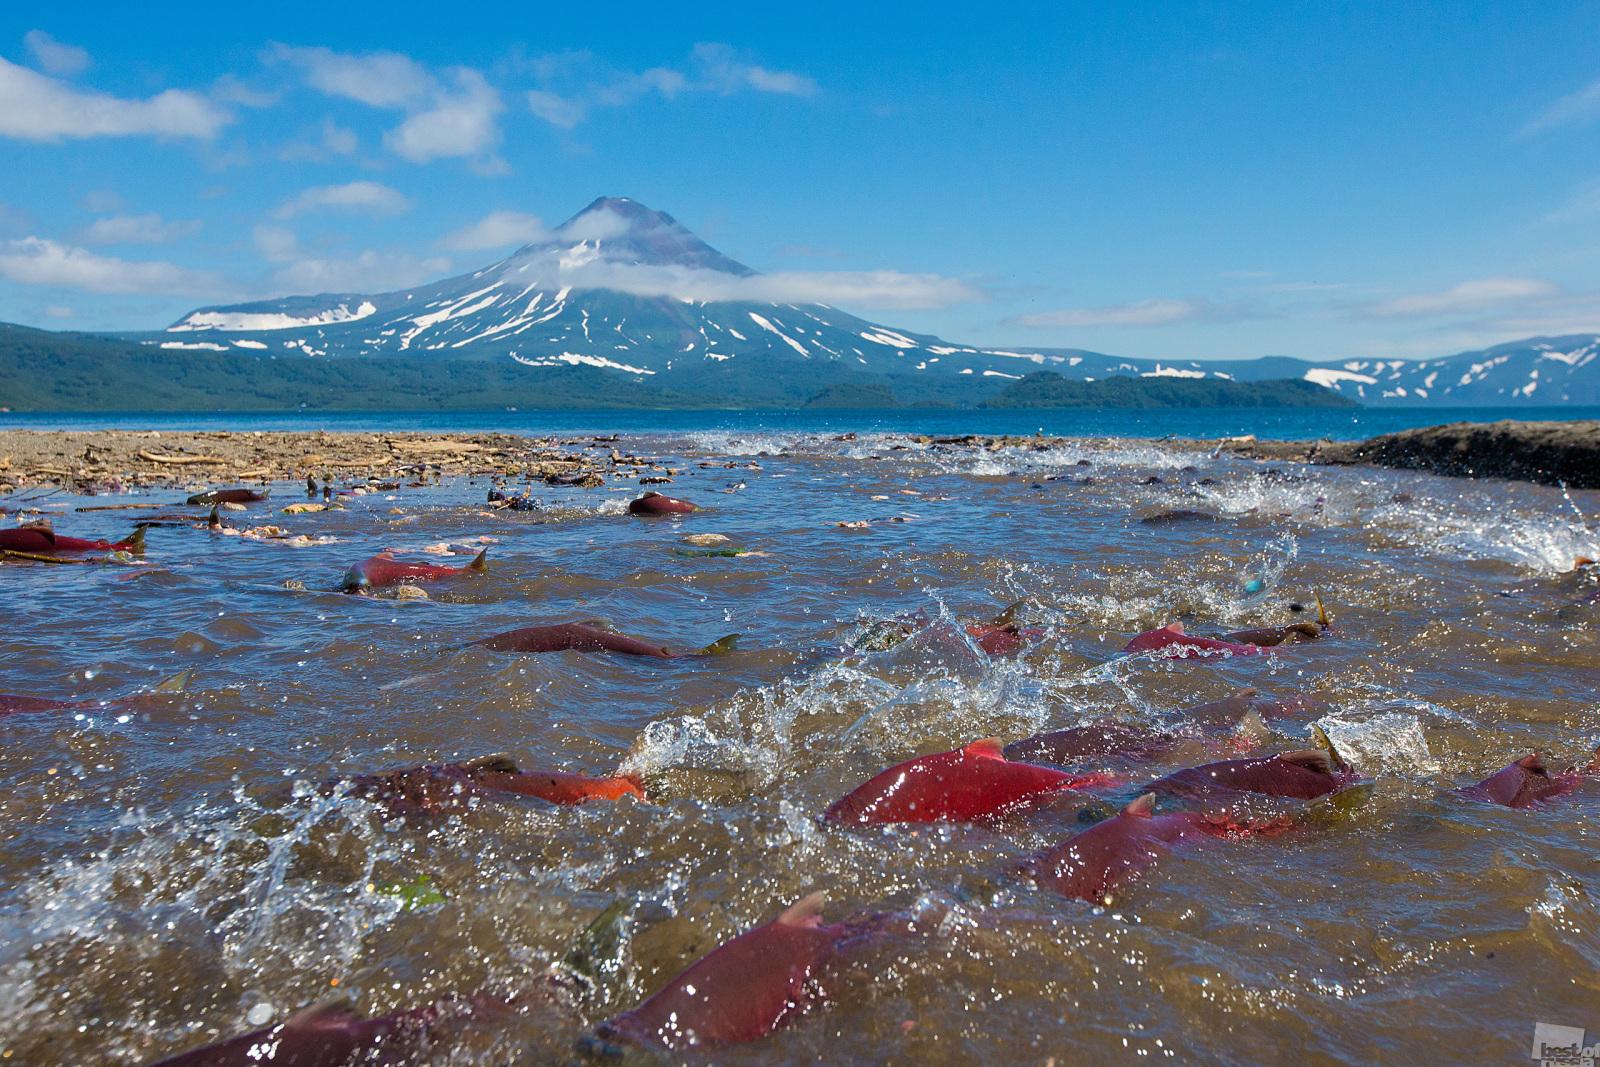 科学者たちは、なぜサケは産卵のために生まれた場所に戻ってくるのかという質問に対し、未だに答えを見つけることができていない。それにもかかわらず、毎年数百万匹のベニザケが母川回帰するためクリル湖まで遡上し、交配・産卵すると、その後近くで死を迎える。毎年これらの勇敢な魚たちは数多くの障害を泳ぎ抜け、苛酷で長い海からの母川の道のりを遡上する。この魚たちは、次世代のために自らの命を犠牲にするのだ。カムチャッカ地方、ユジノ・カムチャツキー自然保護区